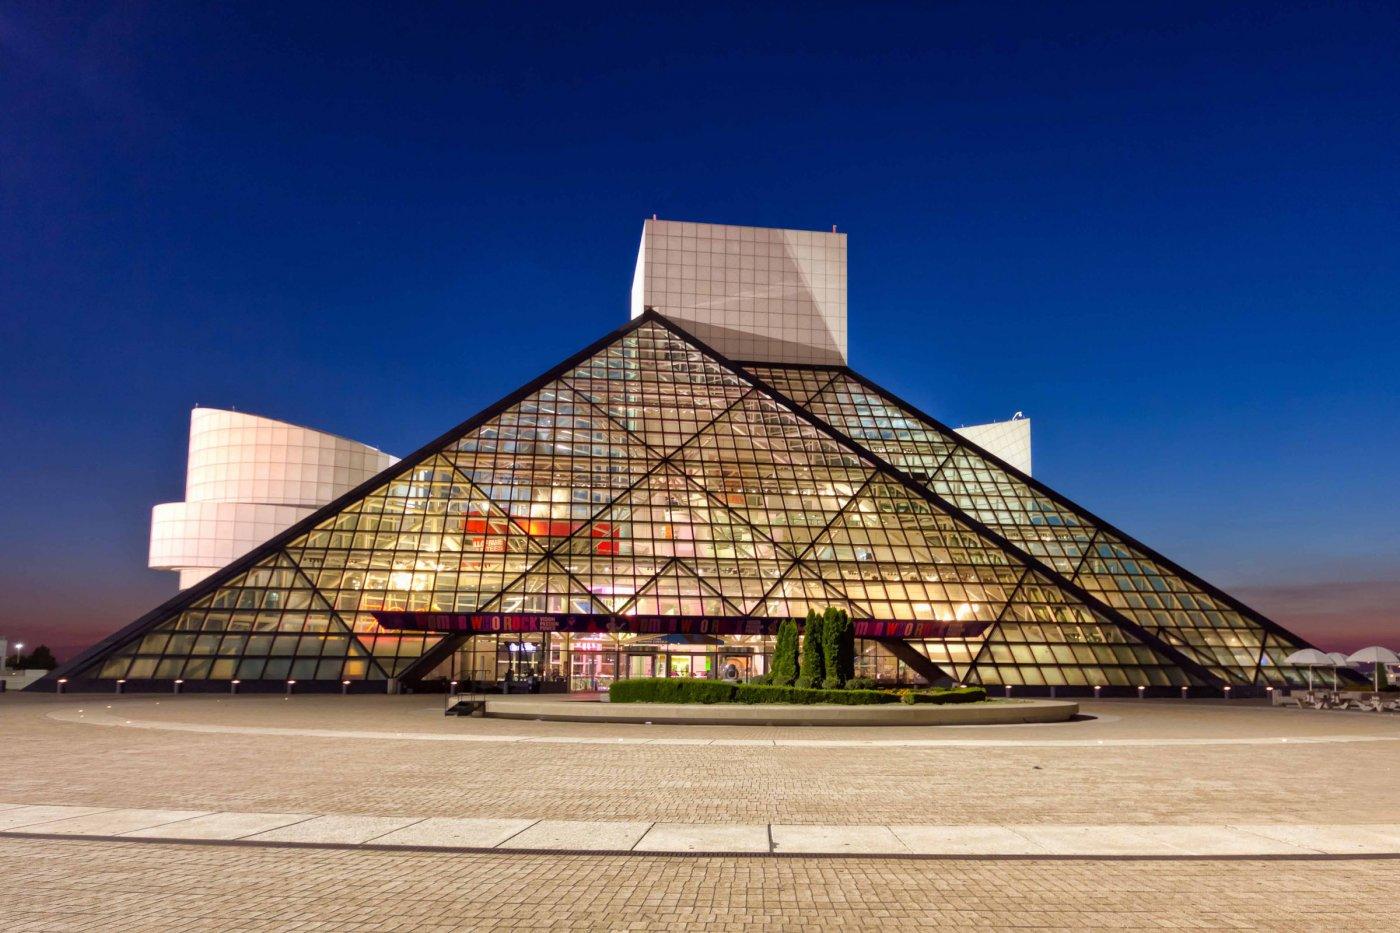 Фото Зал славы рок-н-ролла. Соединенные Штаты Америки, Ohio, Cleveland, North Coast Harbor Walkway